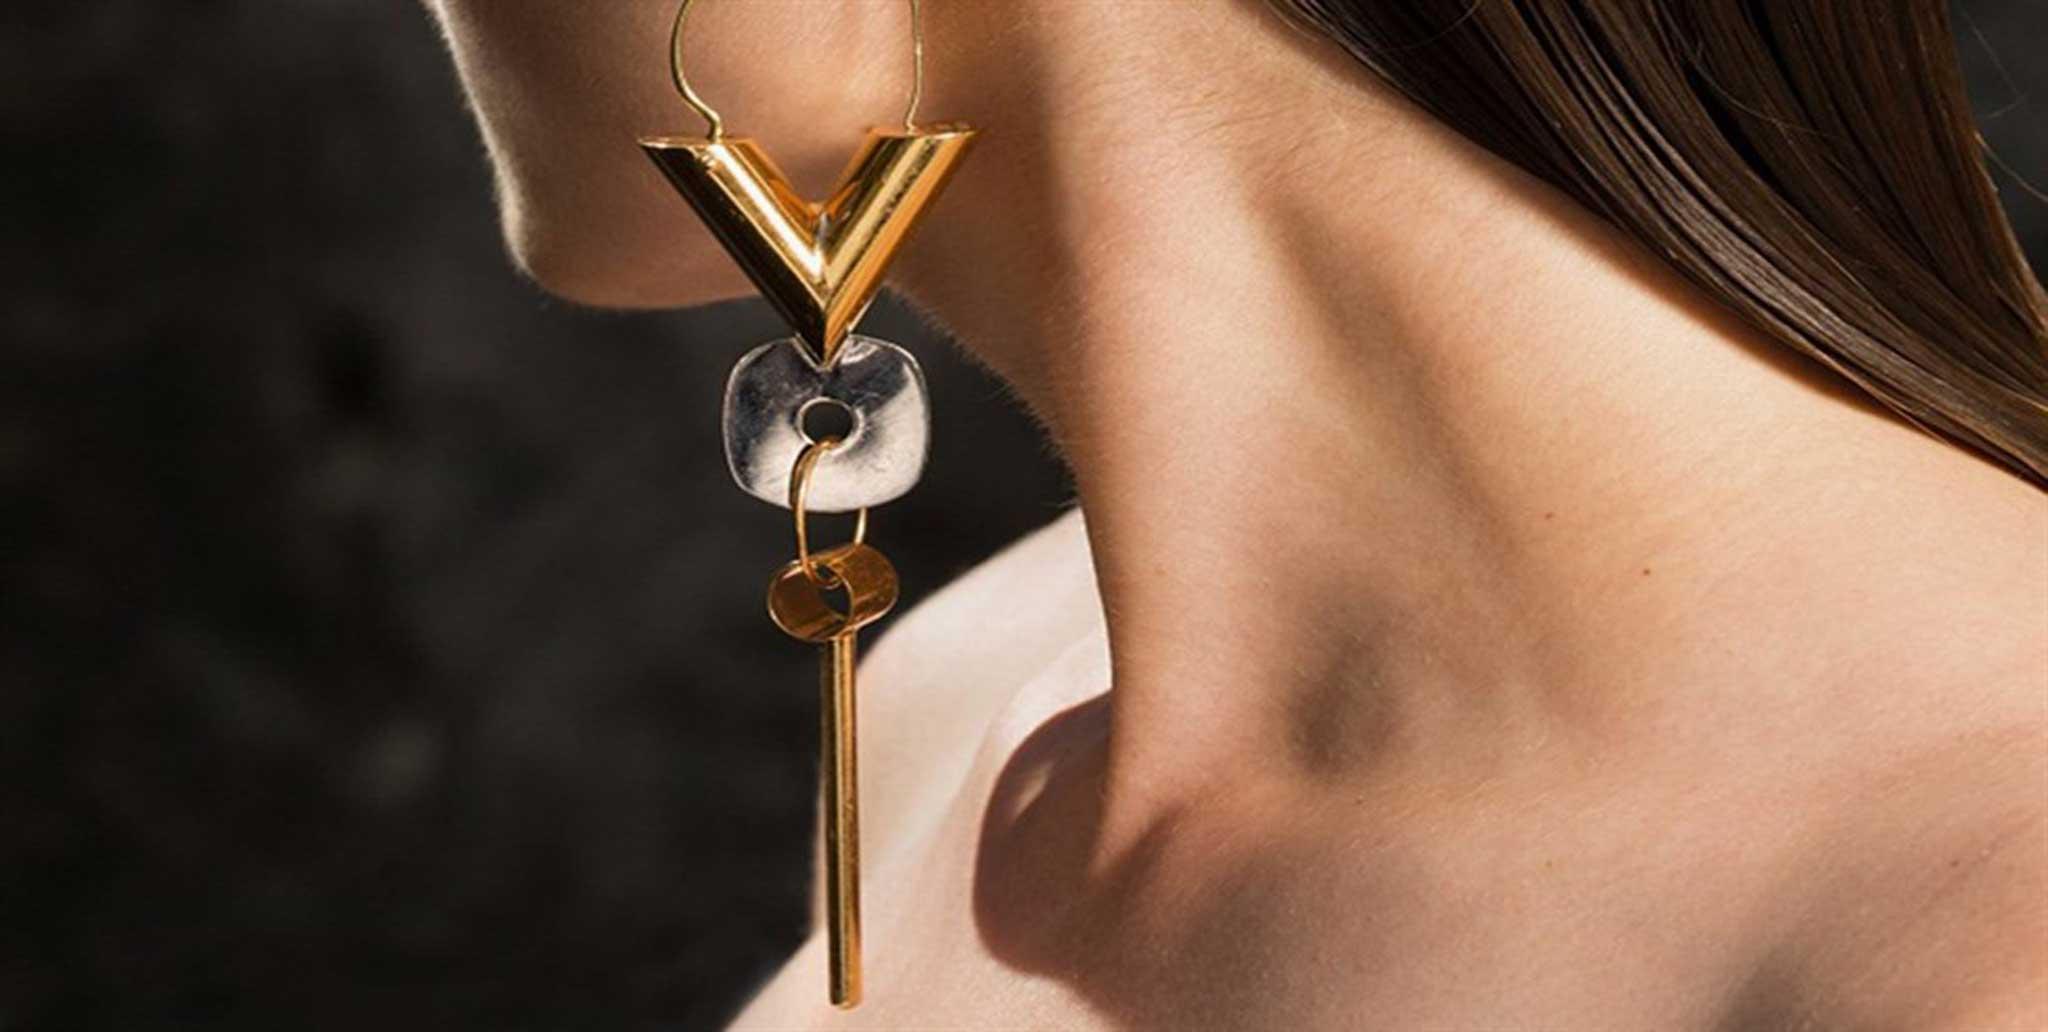 Orecchini singoli Louis Vuitton